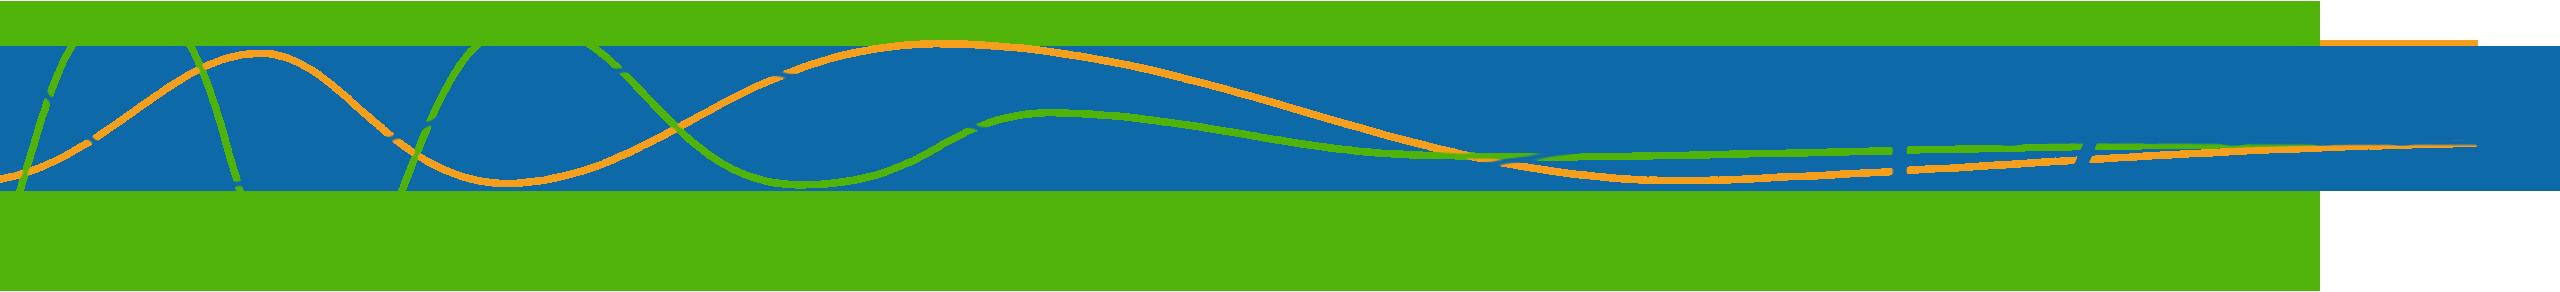 Logo psyrecon research & consulting - Institut für angewandte Psychophysiologie GmbH